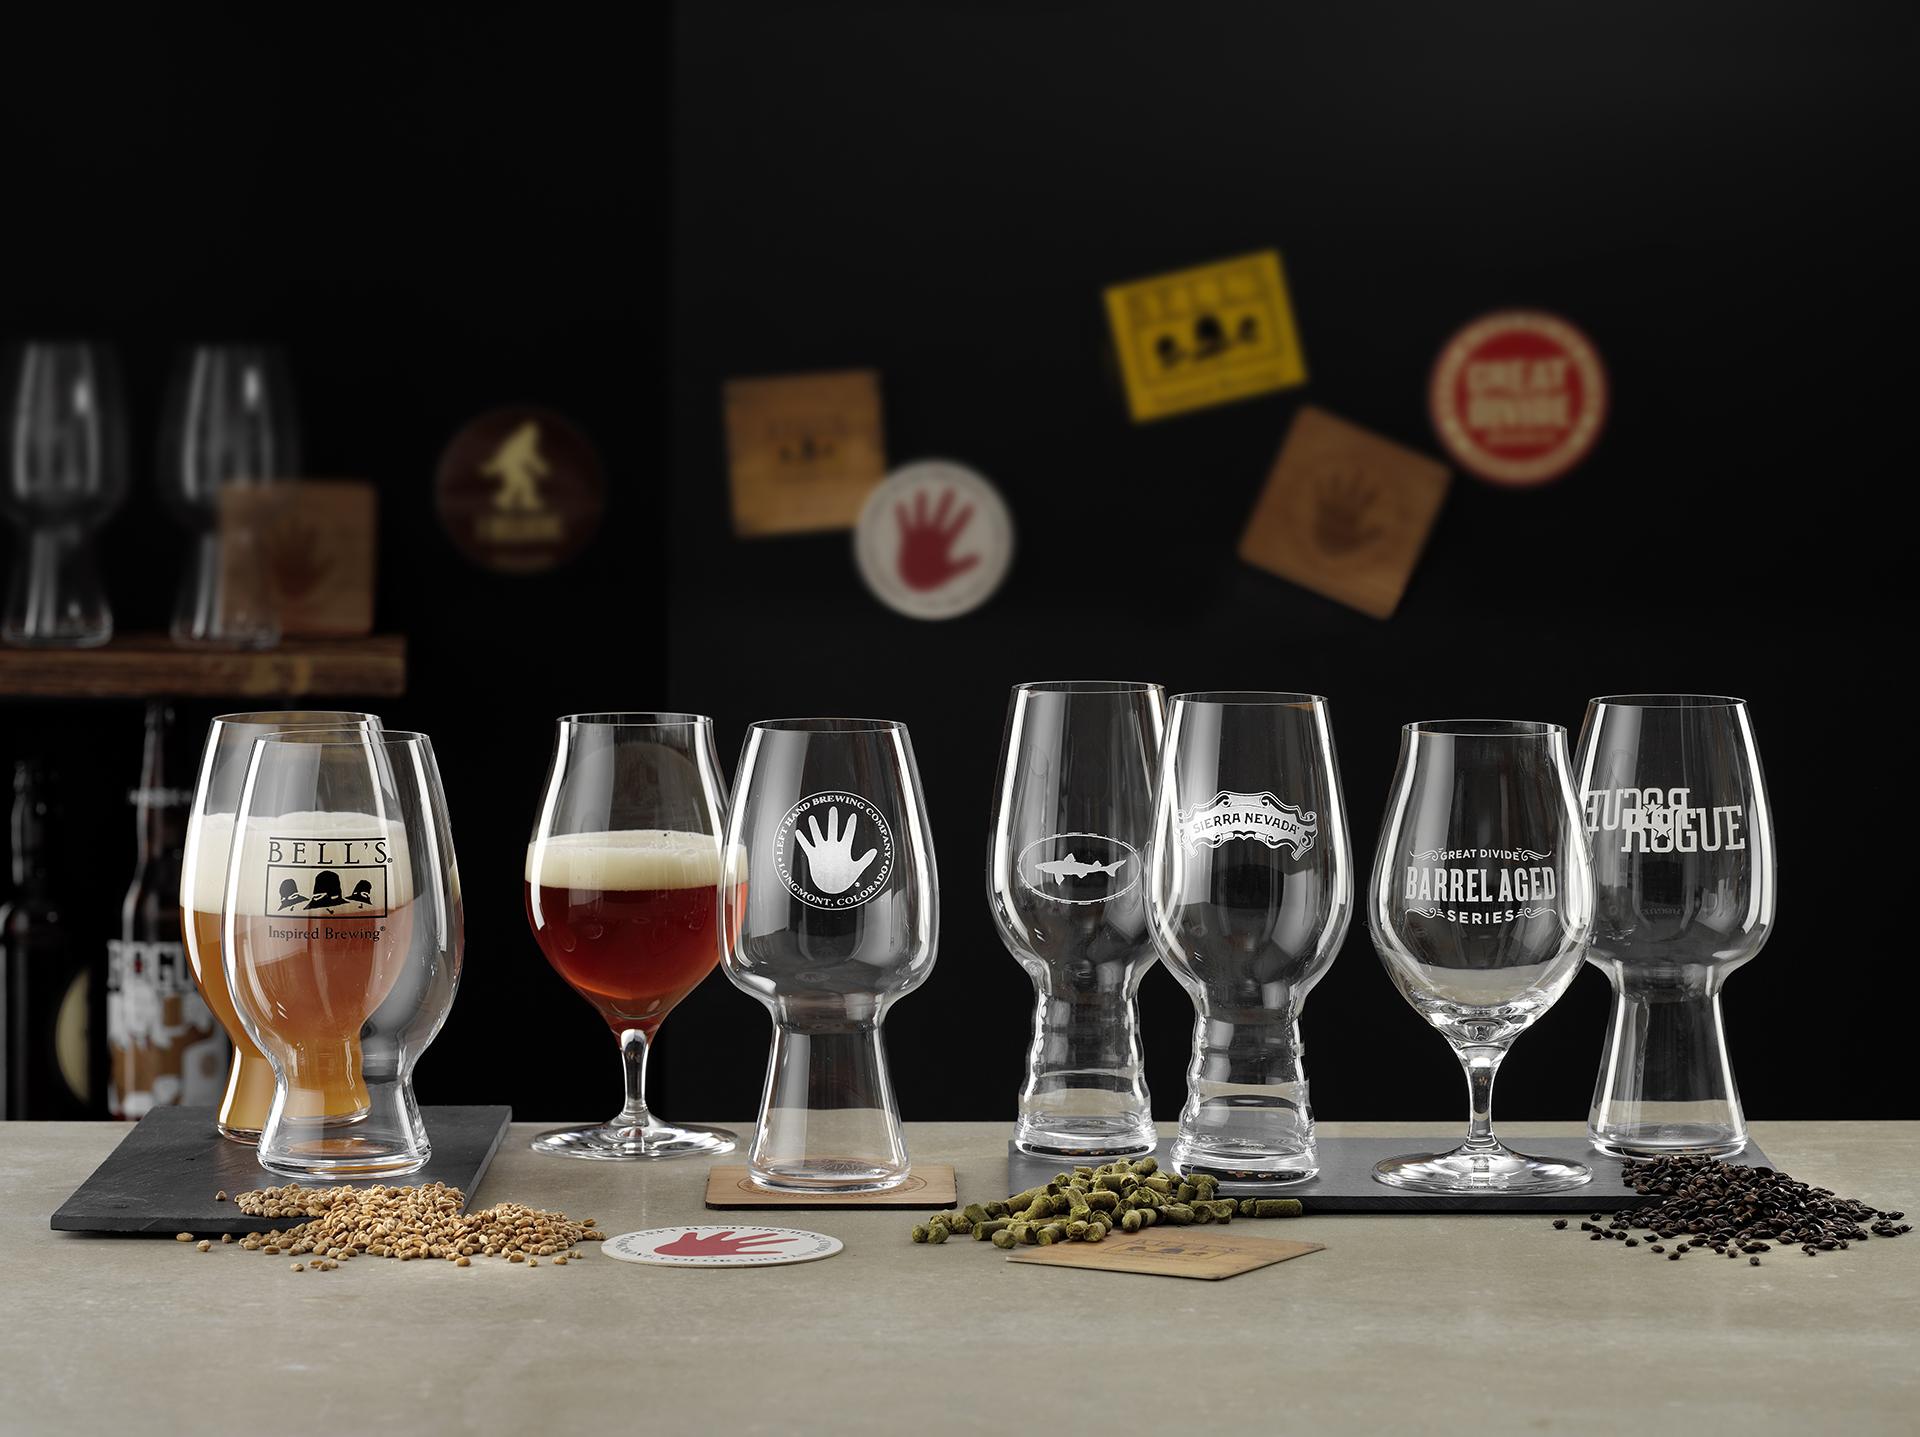 Werbefotografie Studio Oberfranken Leere und halb gefüllte Tastinggläser für Craftbeer, hergestellt von Spiegelau. Feigefotodesign